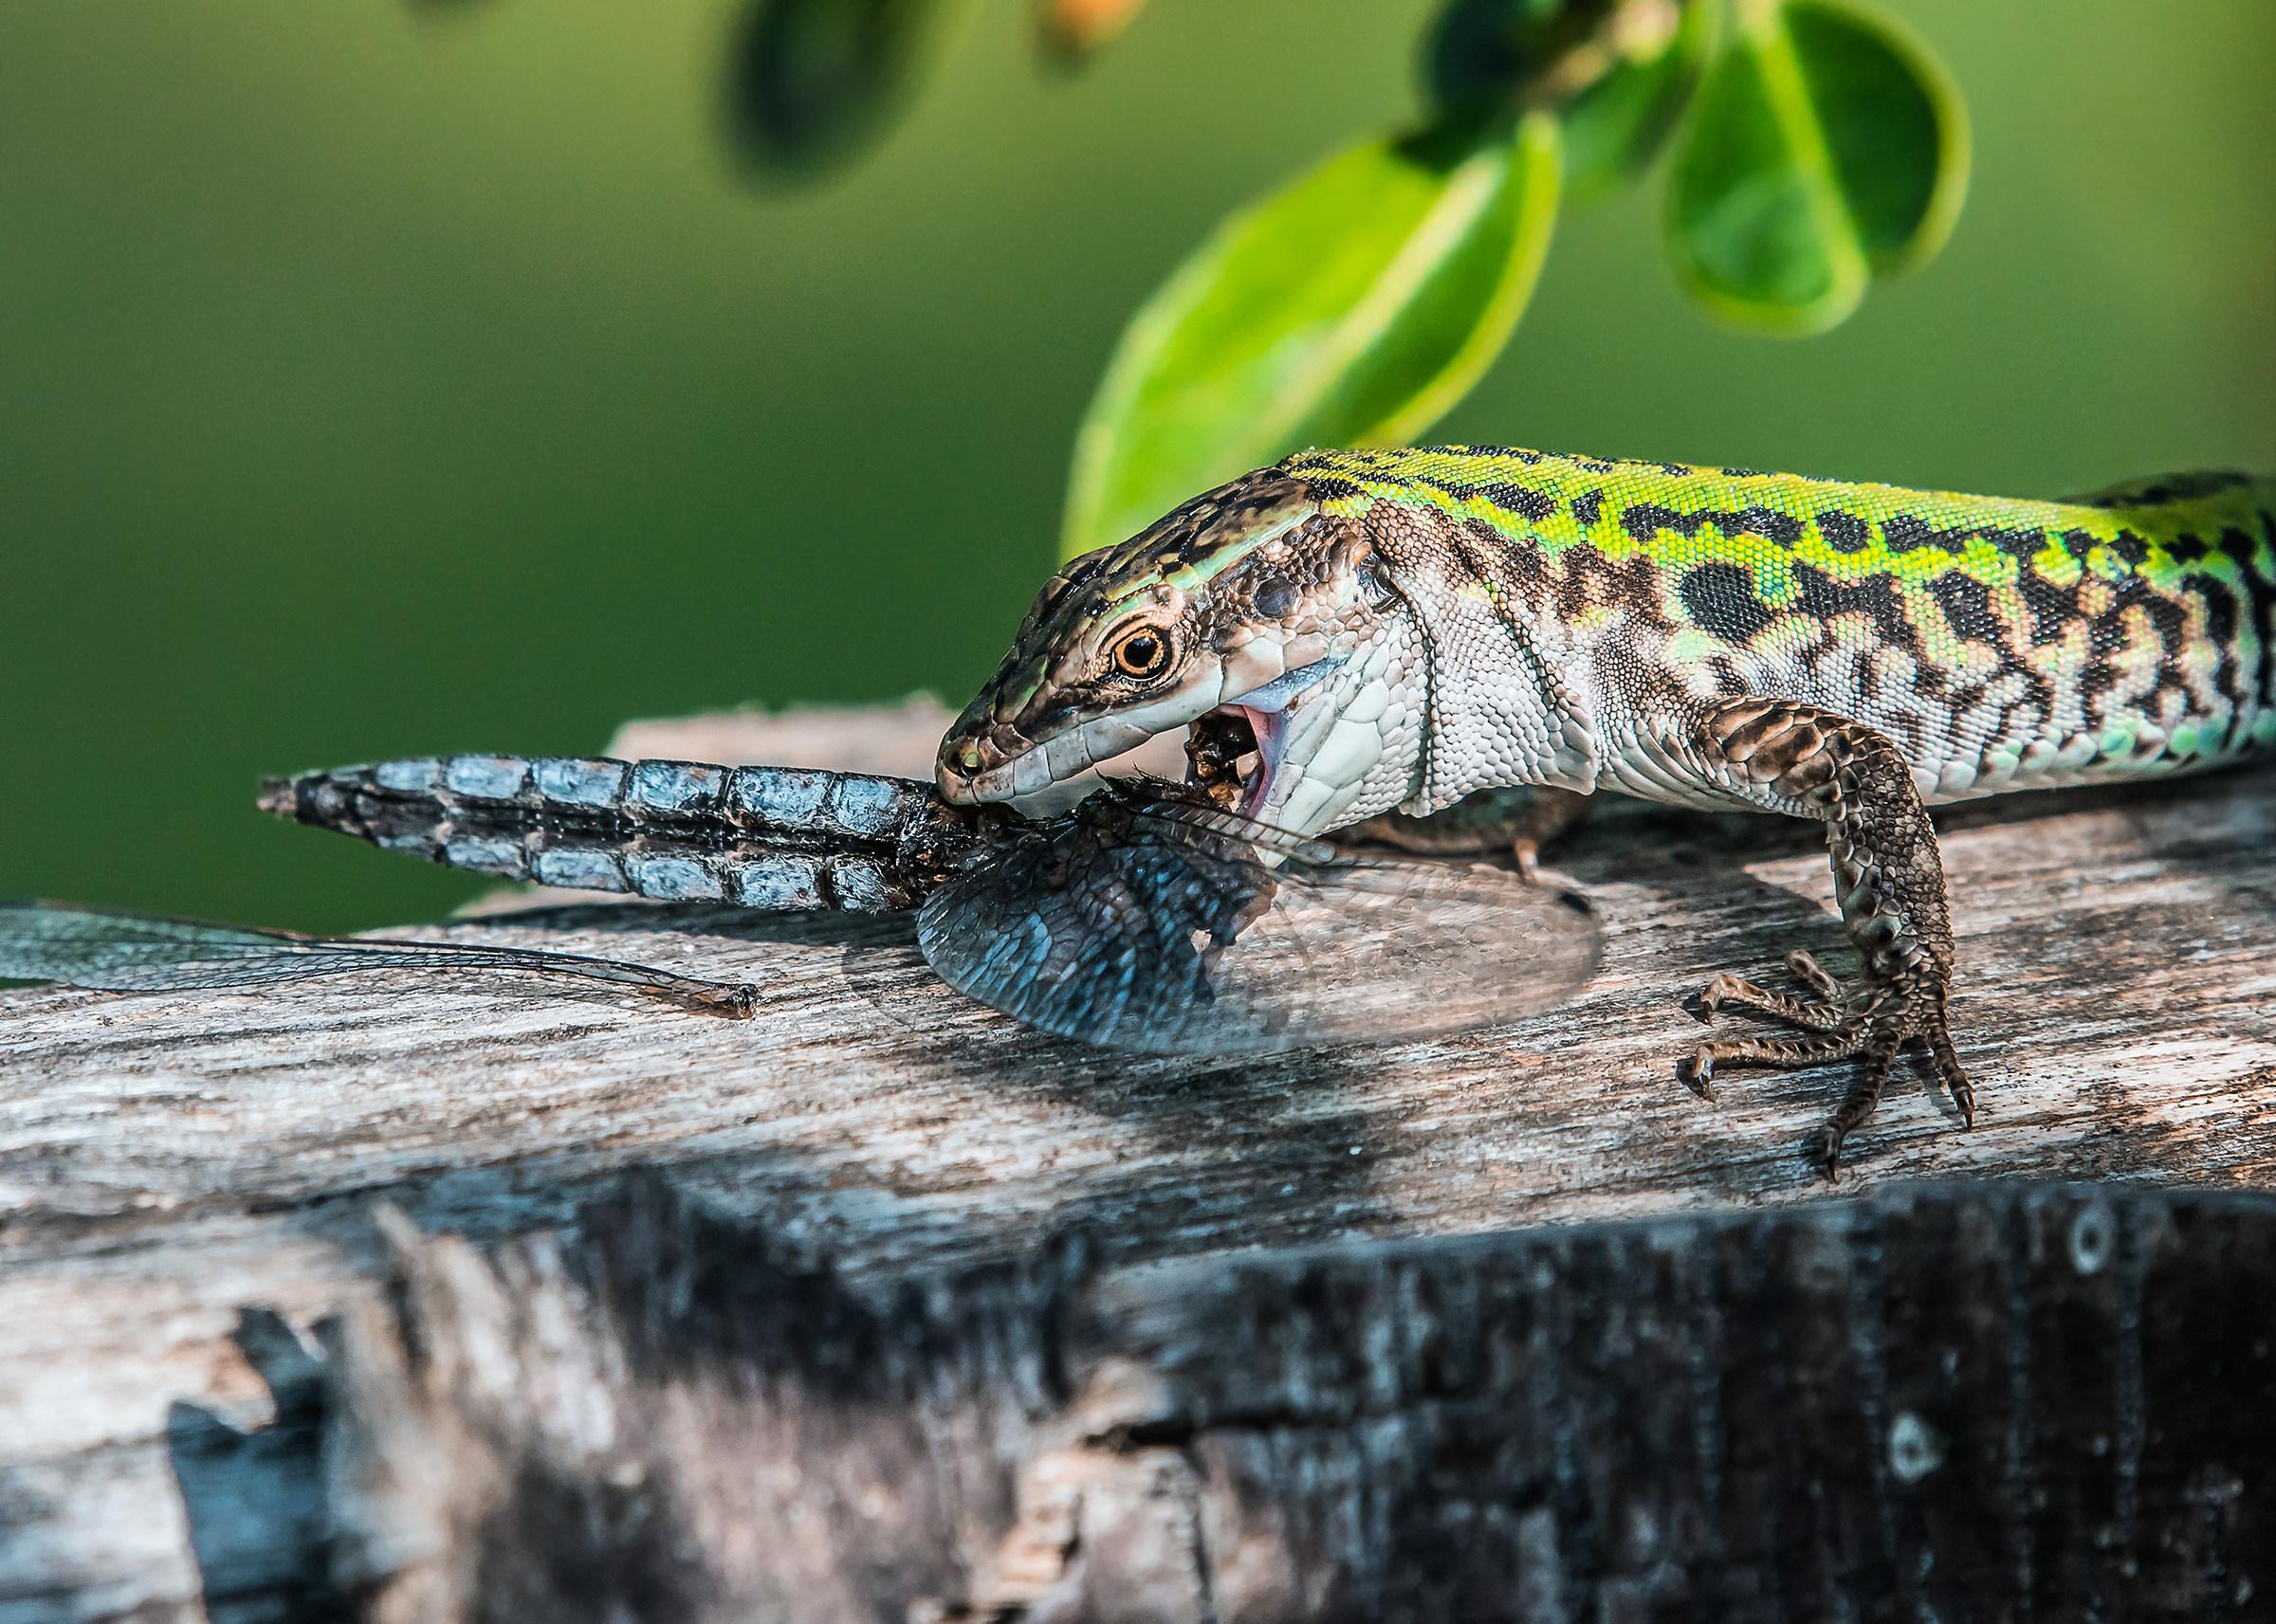 Lizard with Prey...